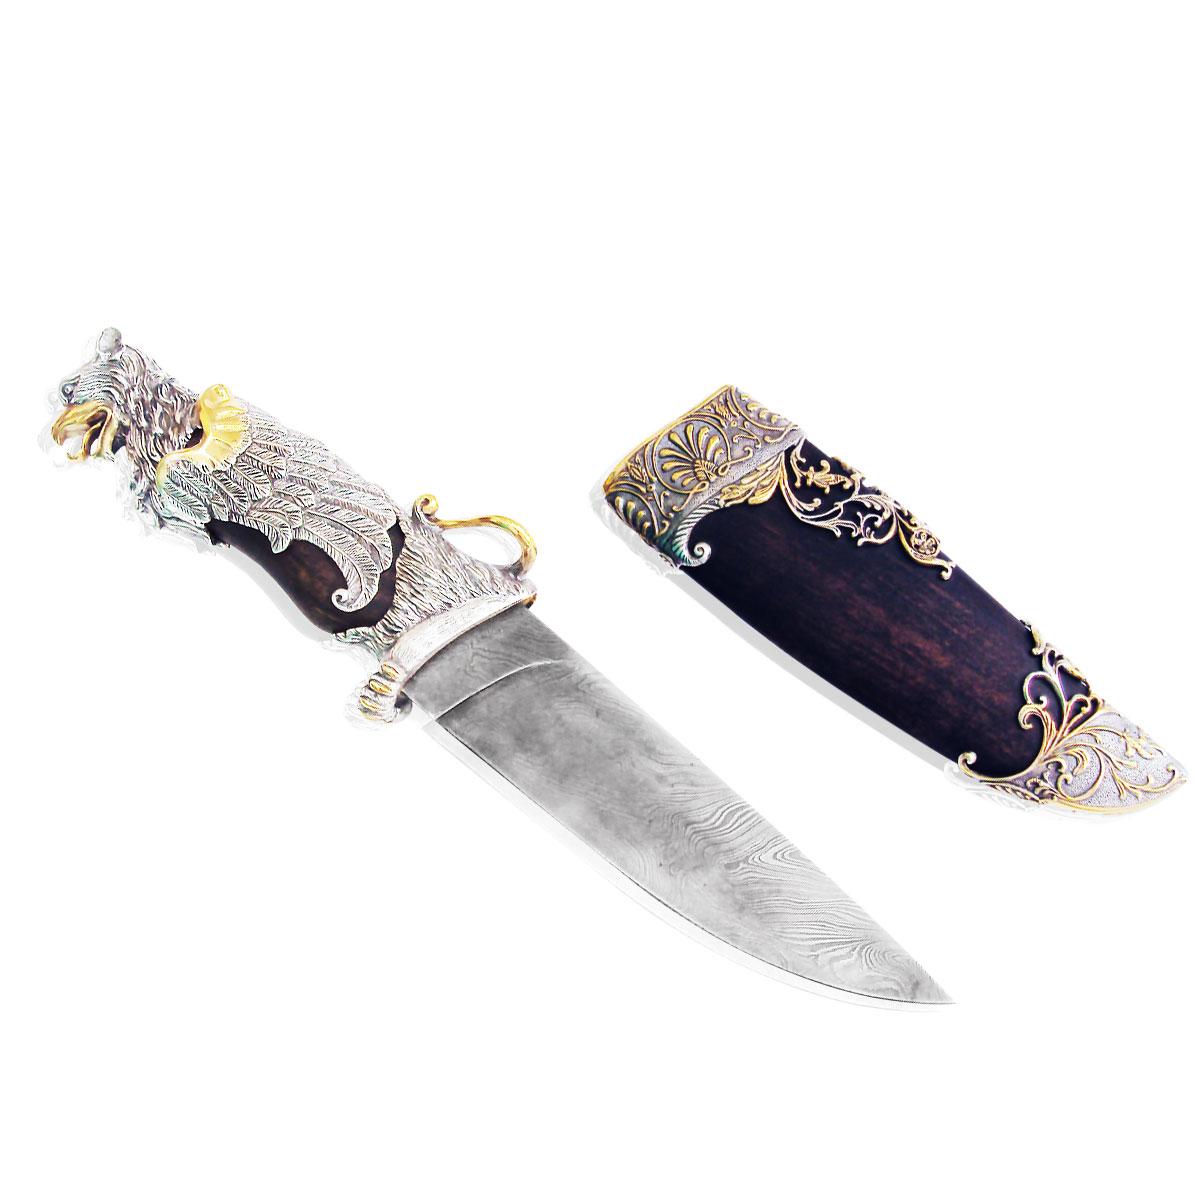 Срібний мисливський ніж з позолотою 'Грифон'